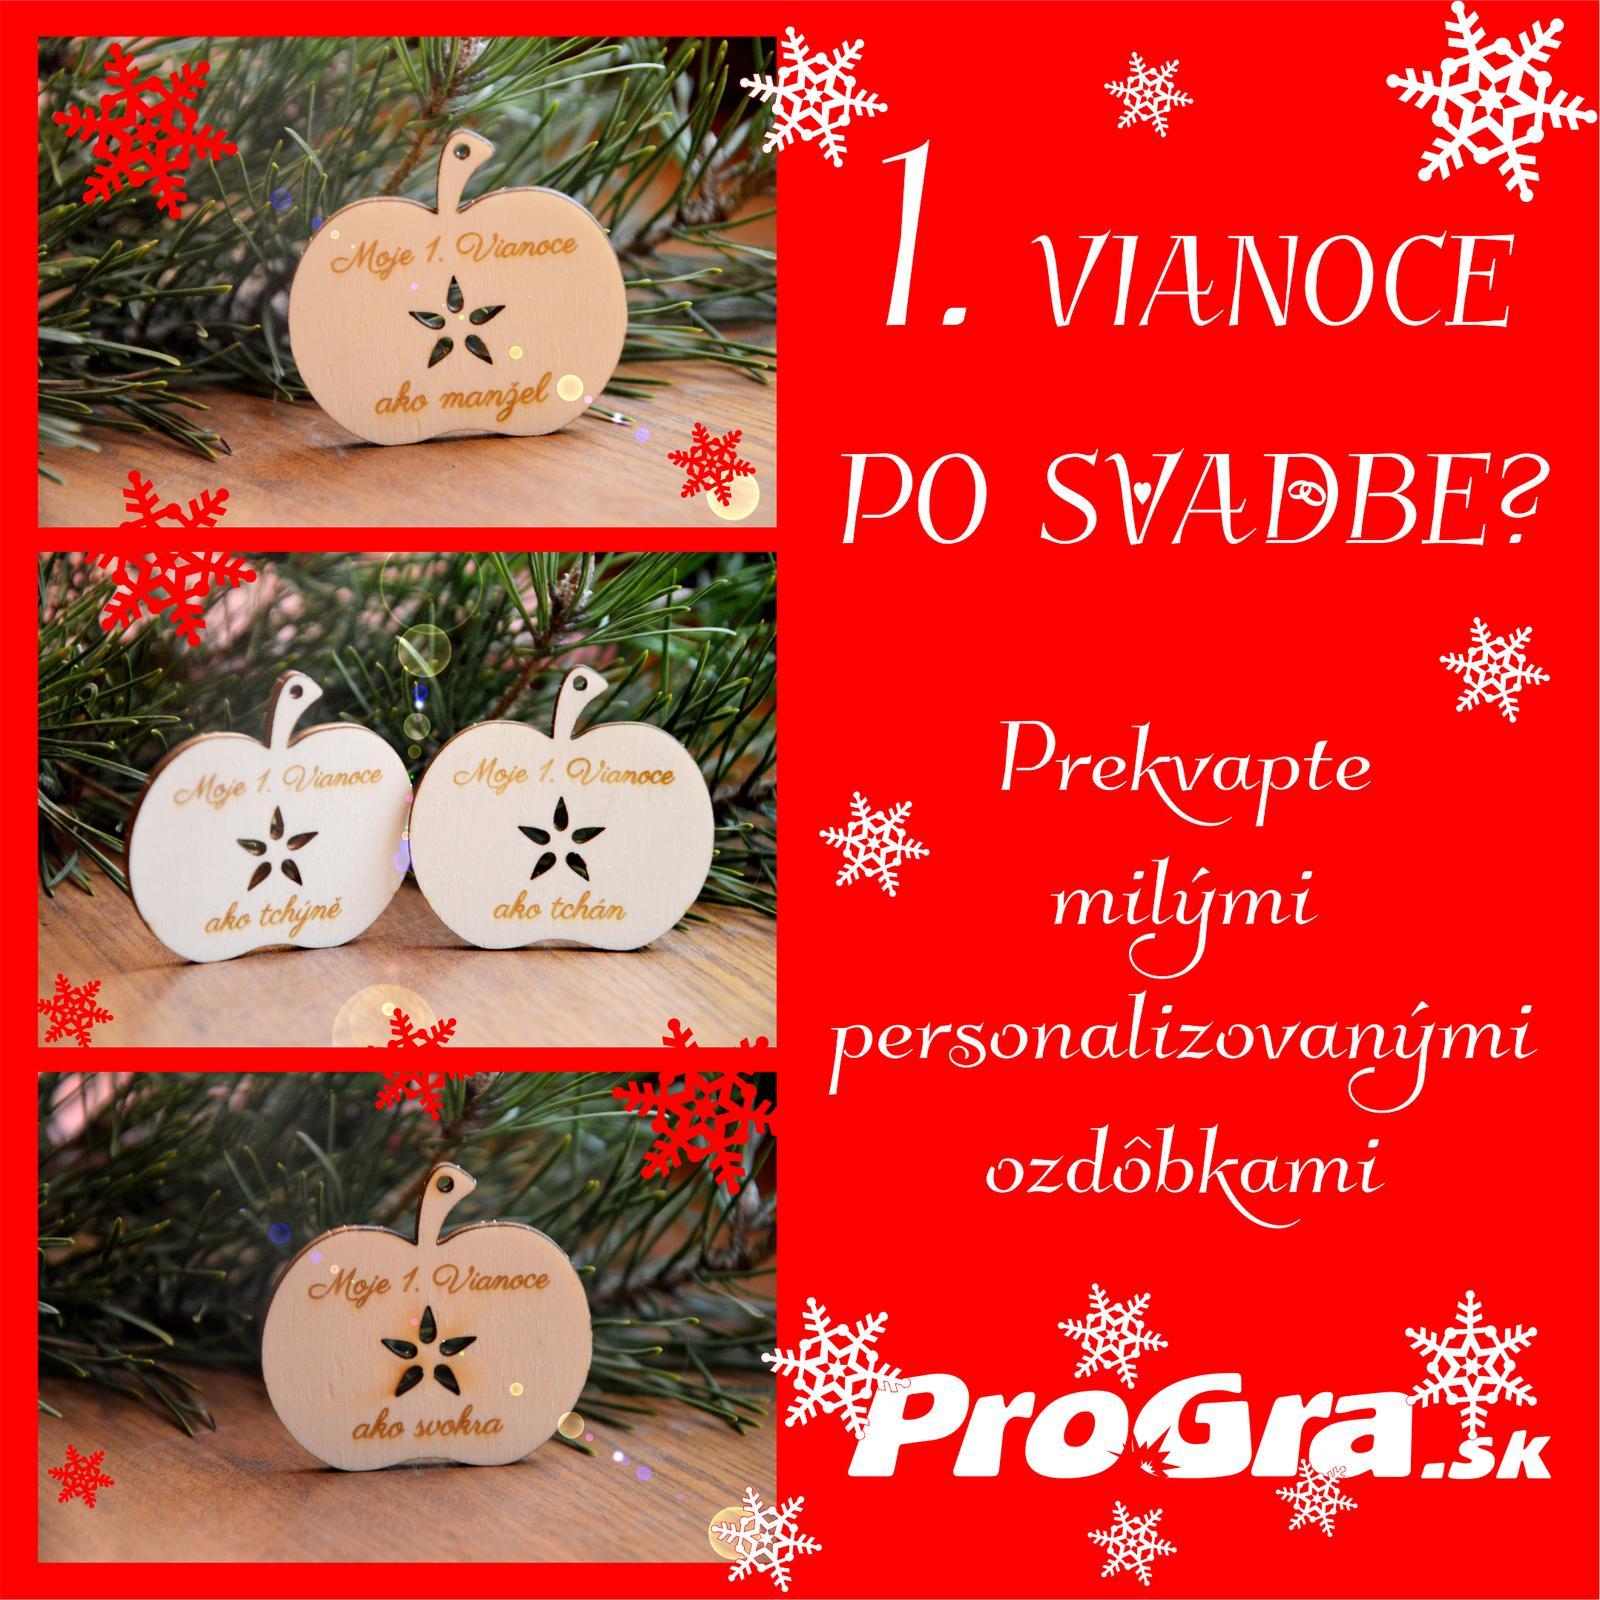 Po svatbě - Prichádzajú pre Vás prvé Vianoce, ktoré strávite ako manželia? Nechajte sa inšpirovať našimi drevenými ozdôbkami a venujte drôbnostku či už na vianočnom stole, ako menovku na darčeku - prípadne použite ako vianočnú dekoráciu vo Vašej výzdobe